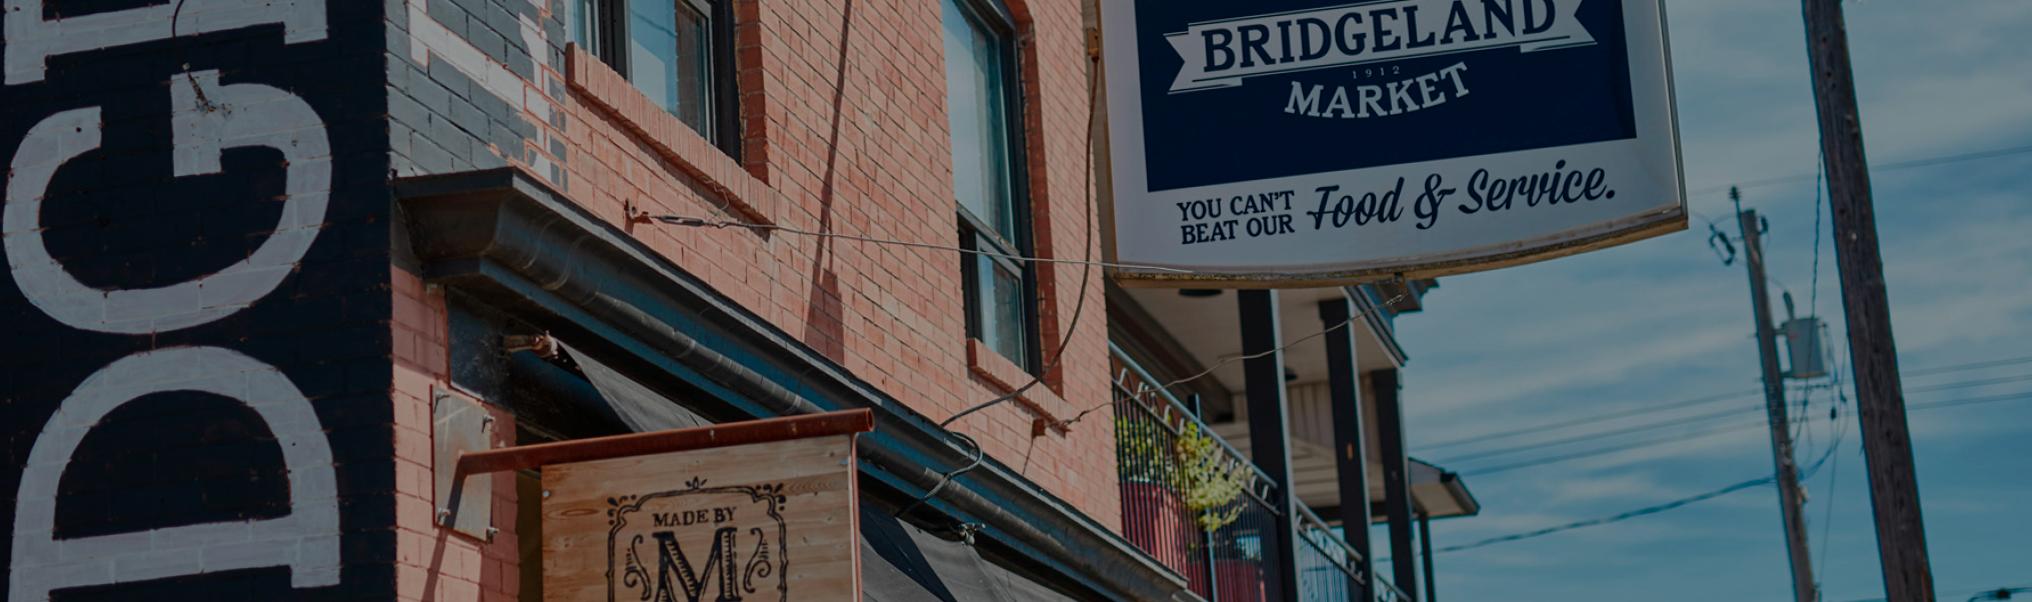 A photo of the Bridgeland market signage